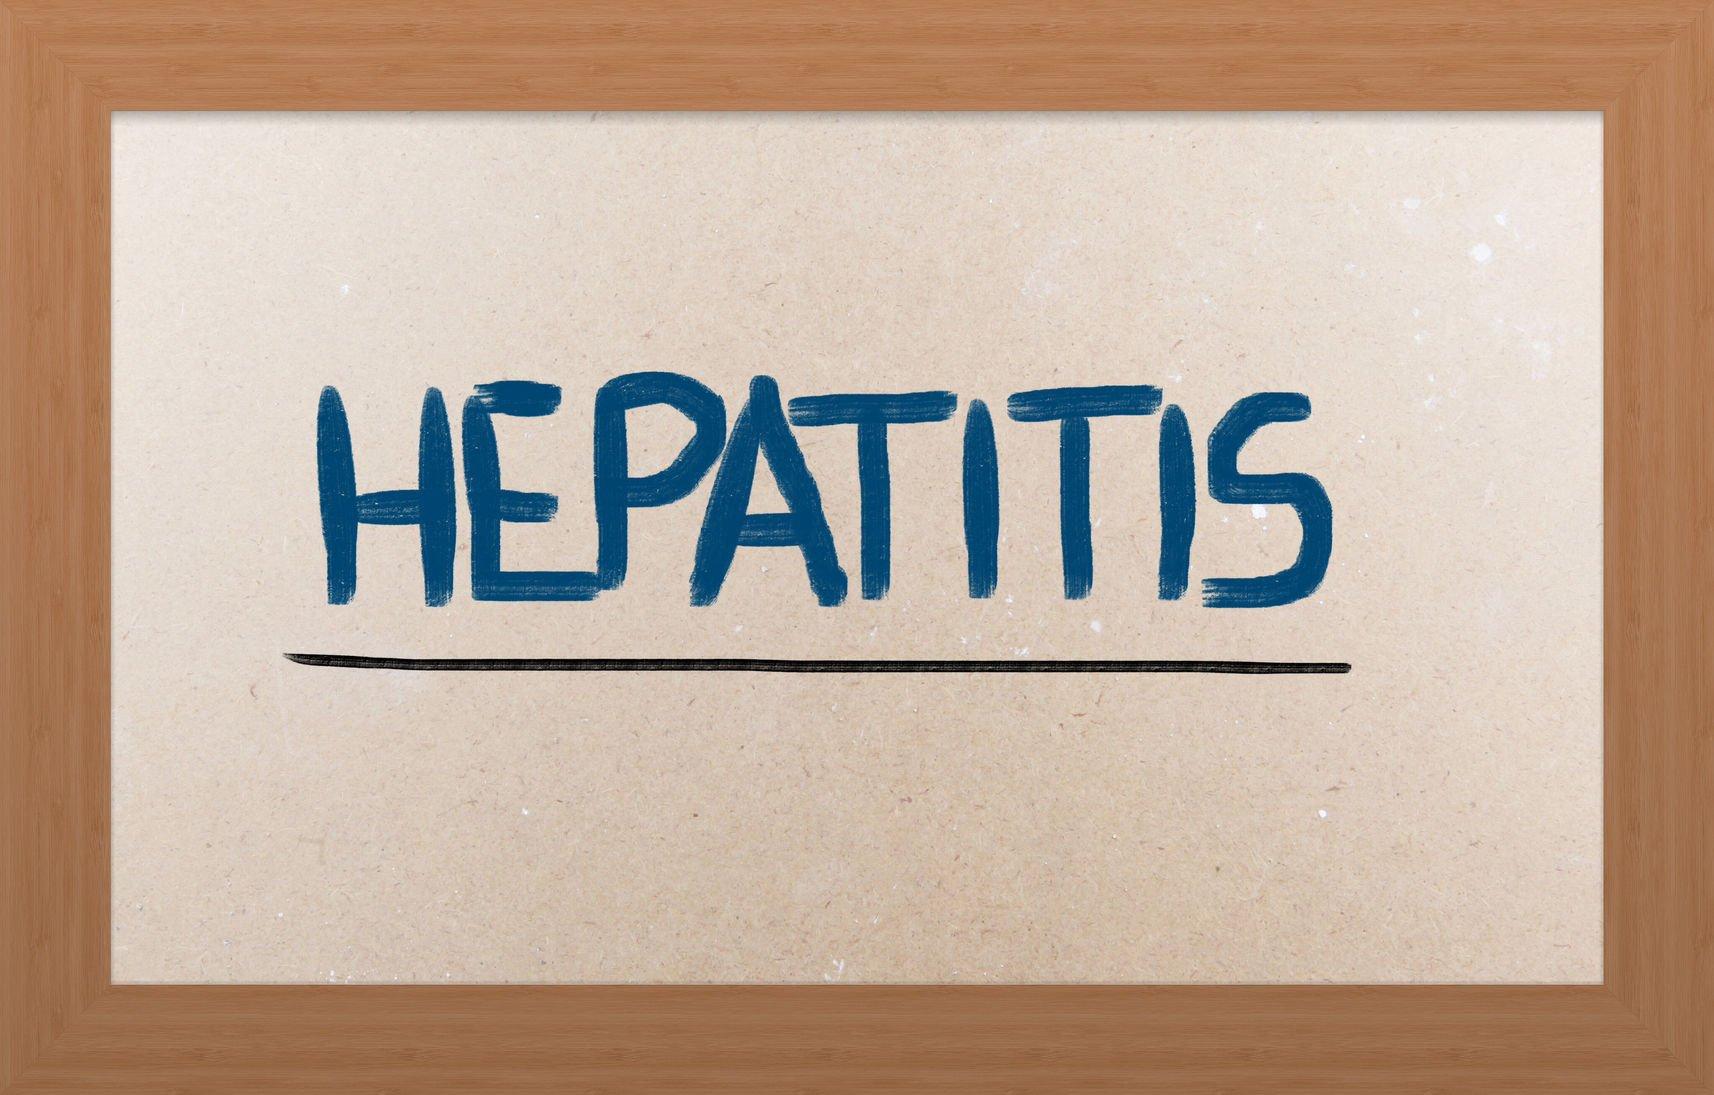 """""""hepatitis"""" written on board: viral hepatitis"""